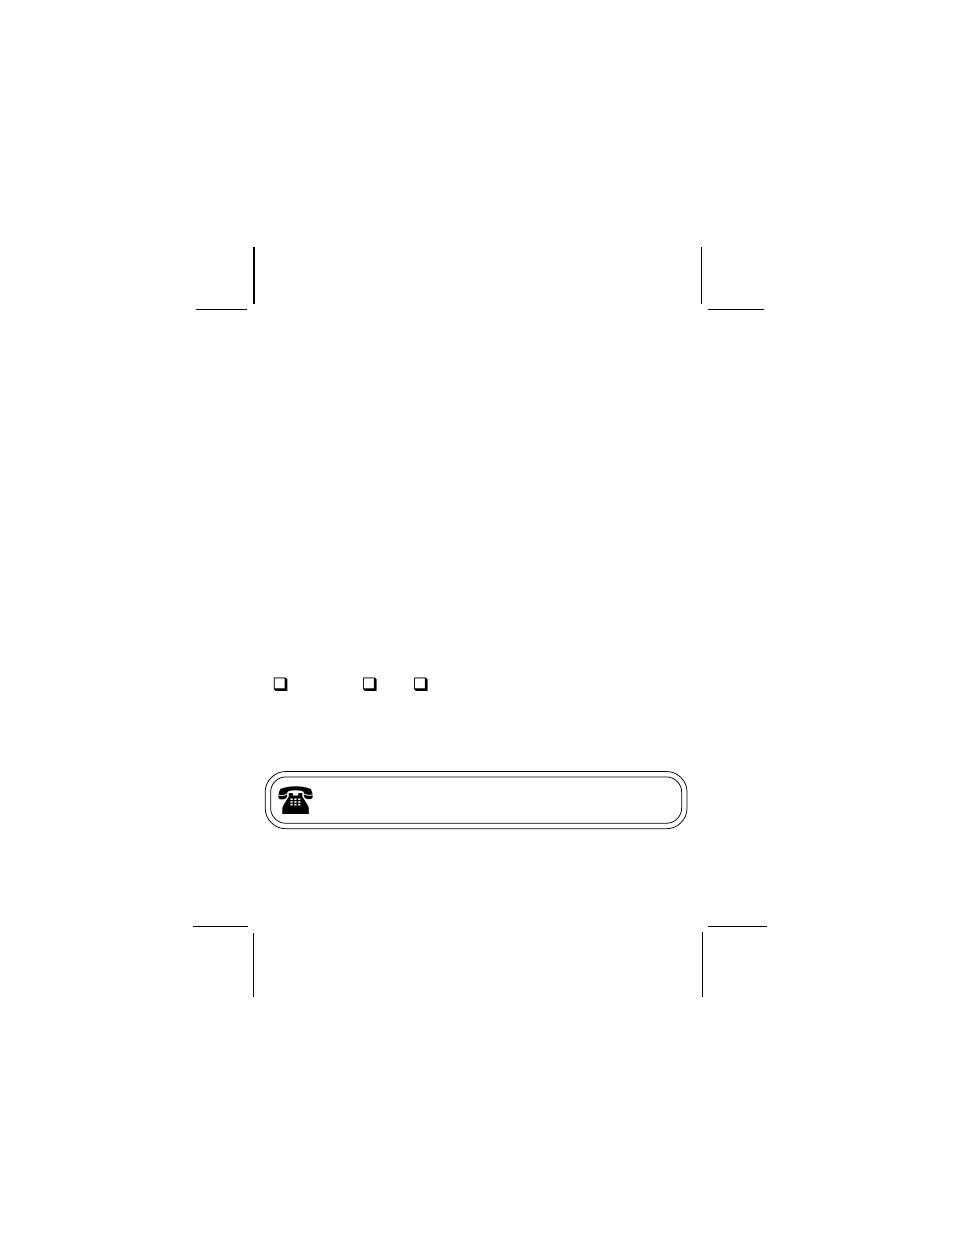 Eejp500icamo Manual Ebook Mazda Verisa Fuse Box Array Polar H7 Rh Bitlab Solutions